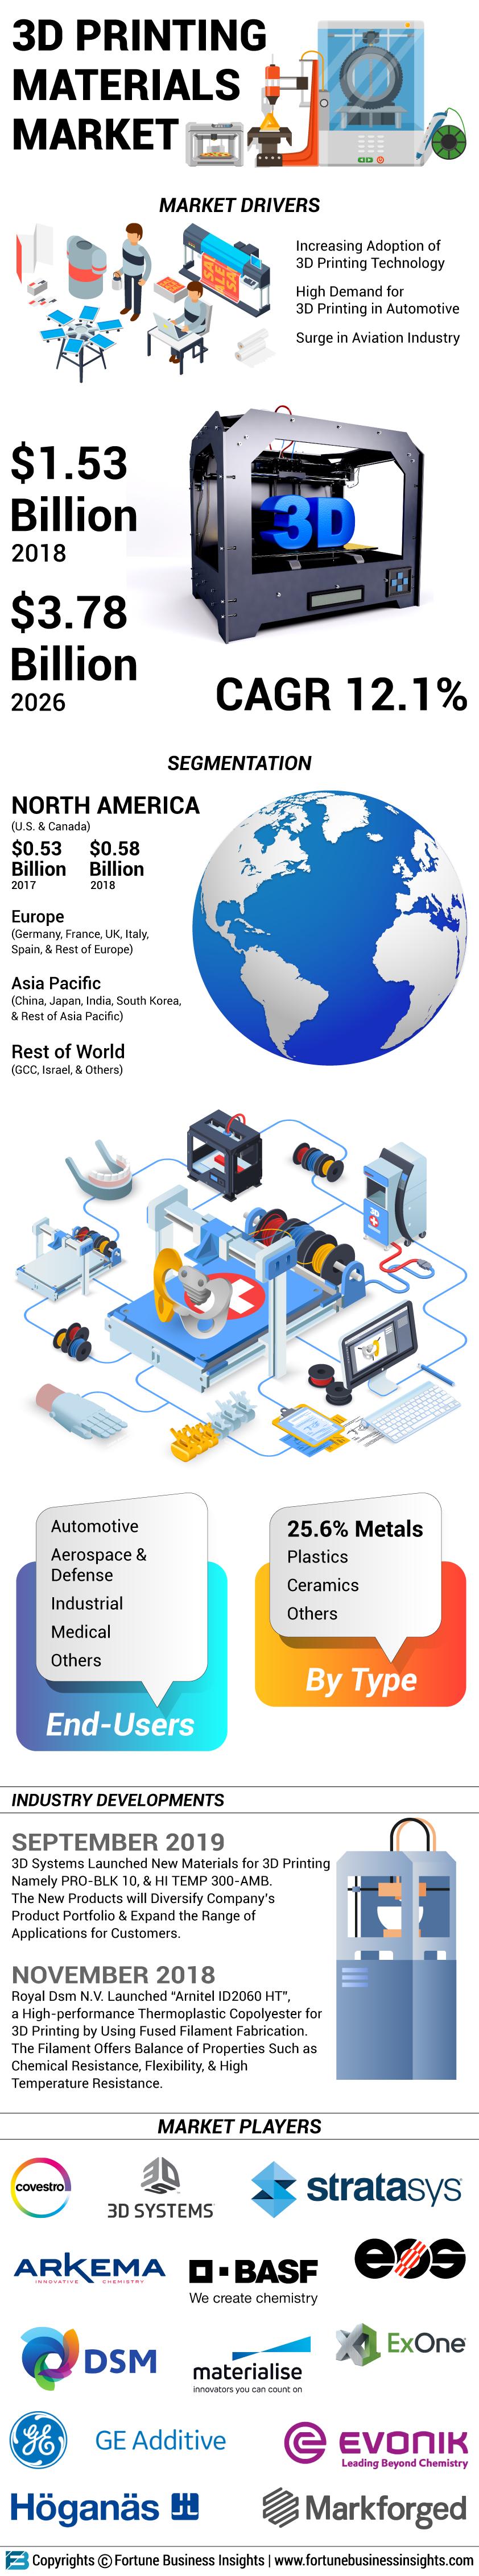 3D Printing Material Market